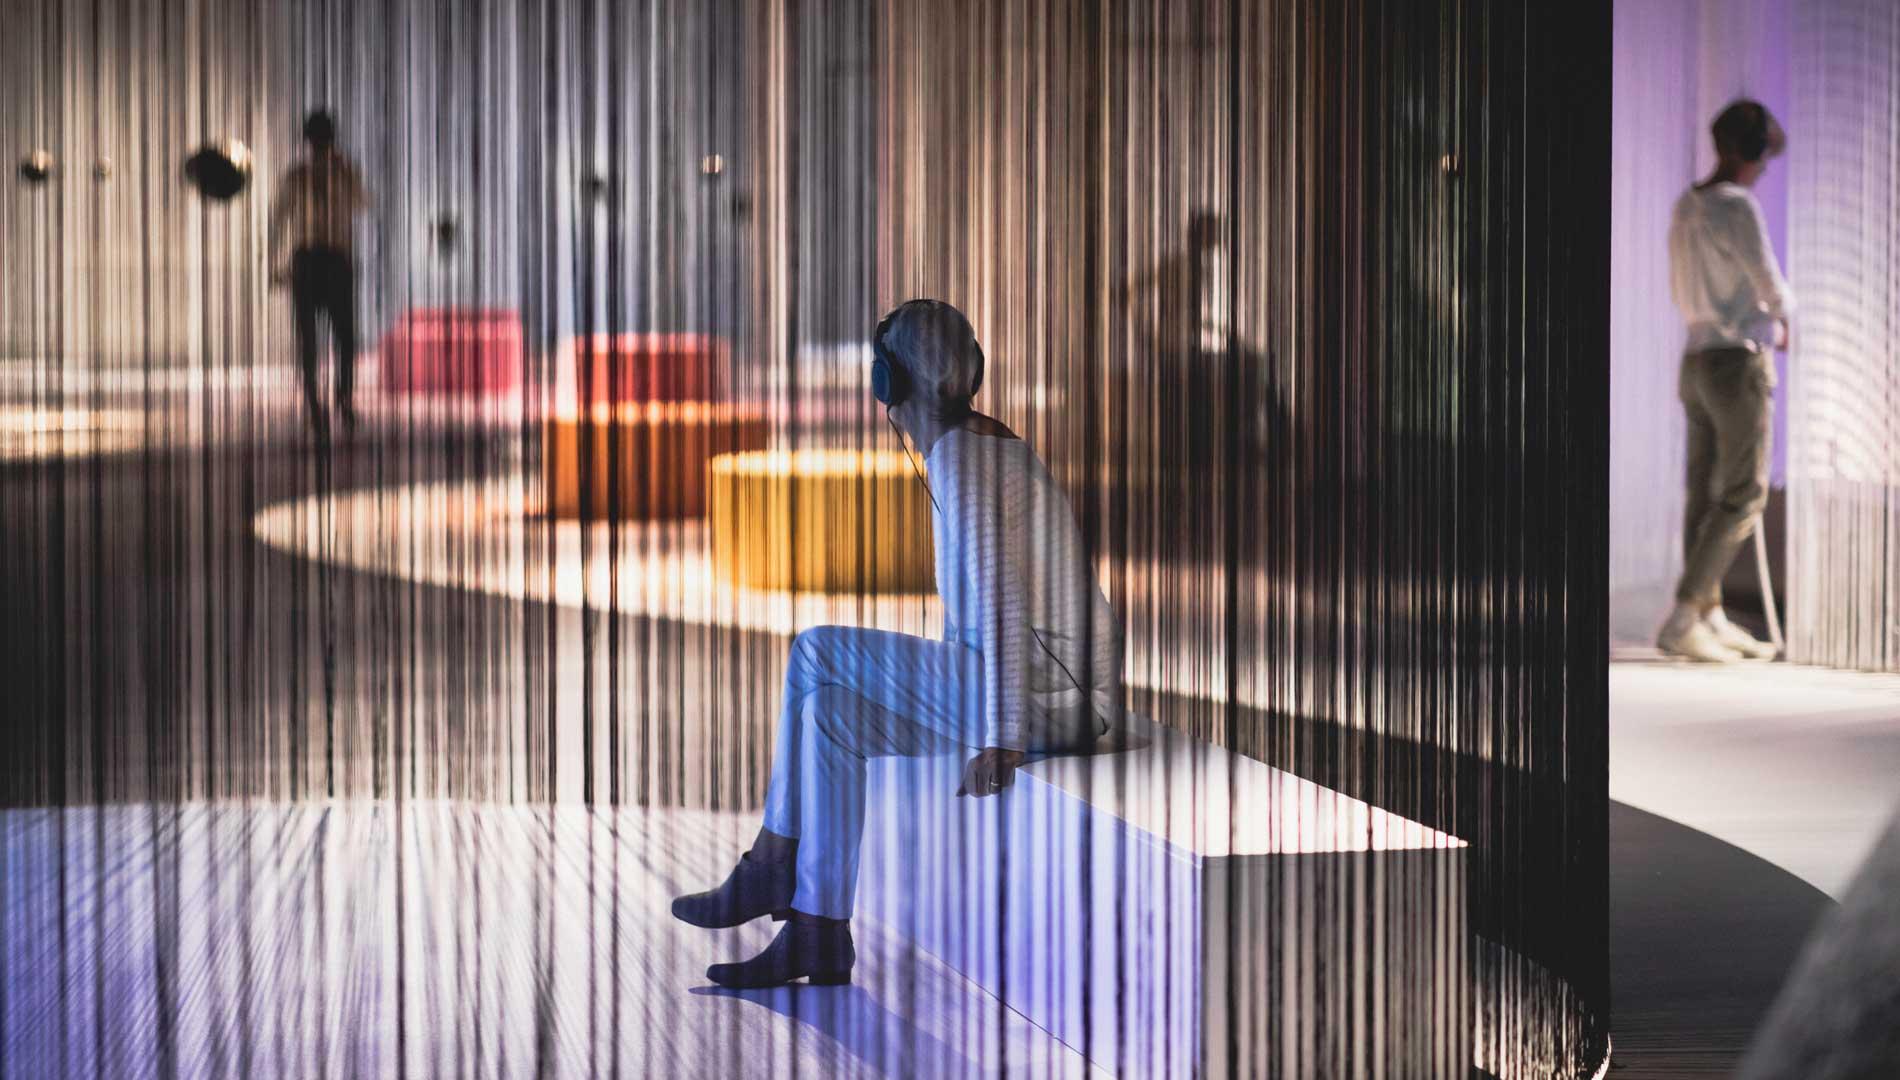 Sounds of Silence, mfk Bern, CH / Bildquelle Museum_für Kommunikation